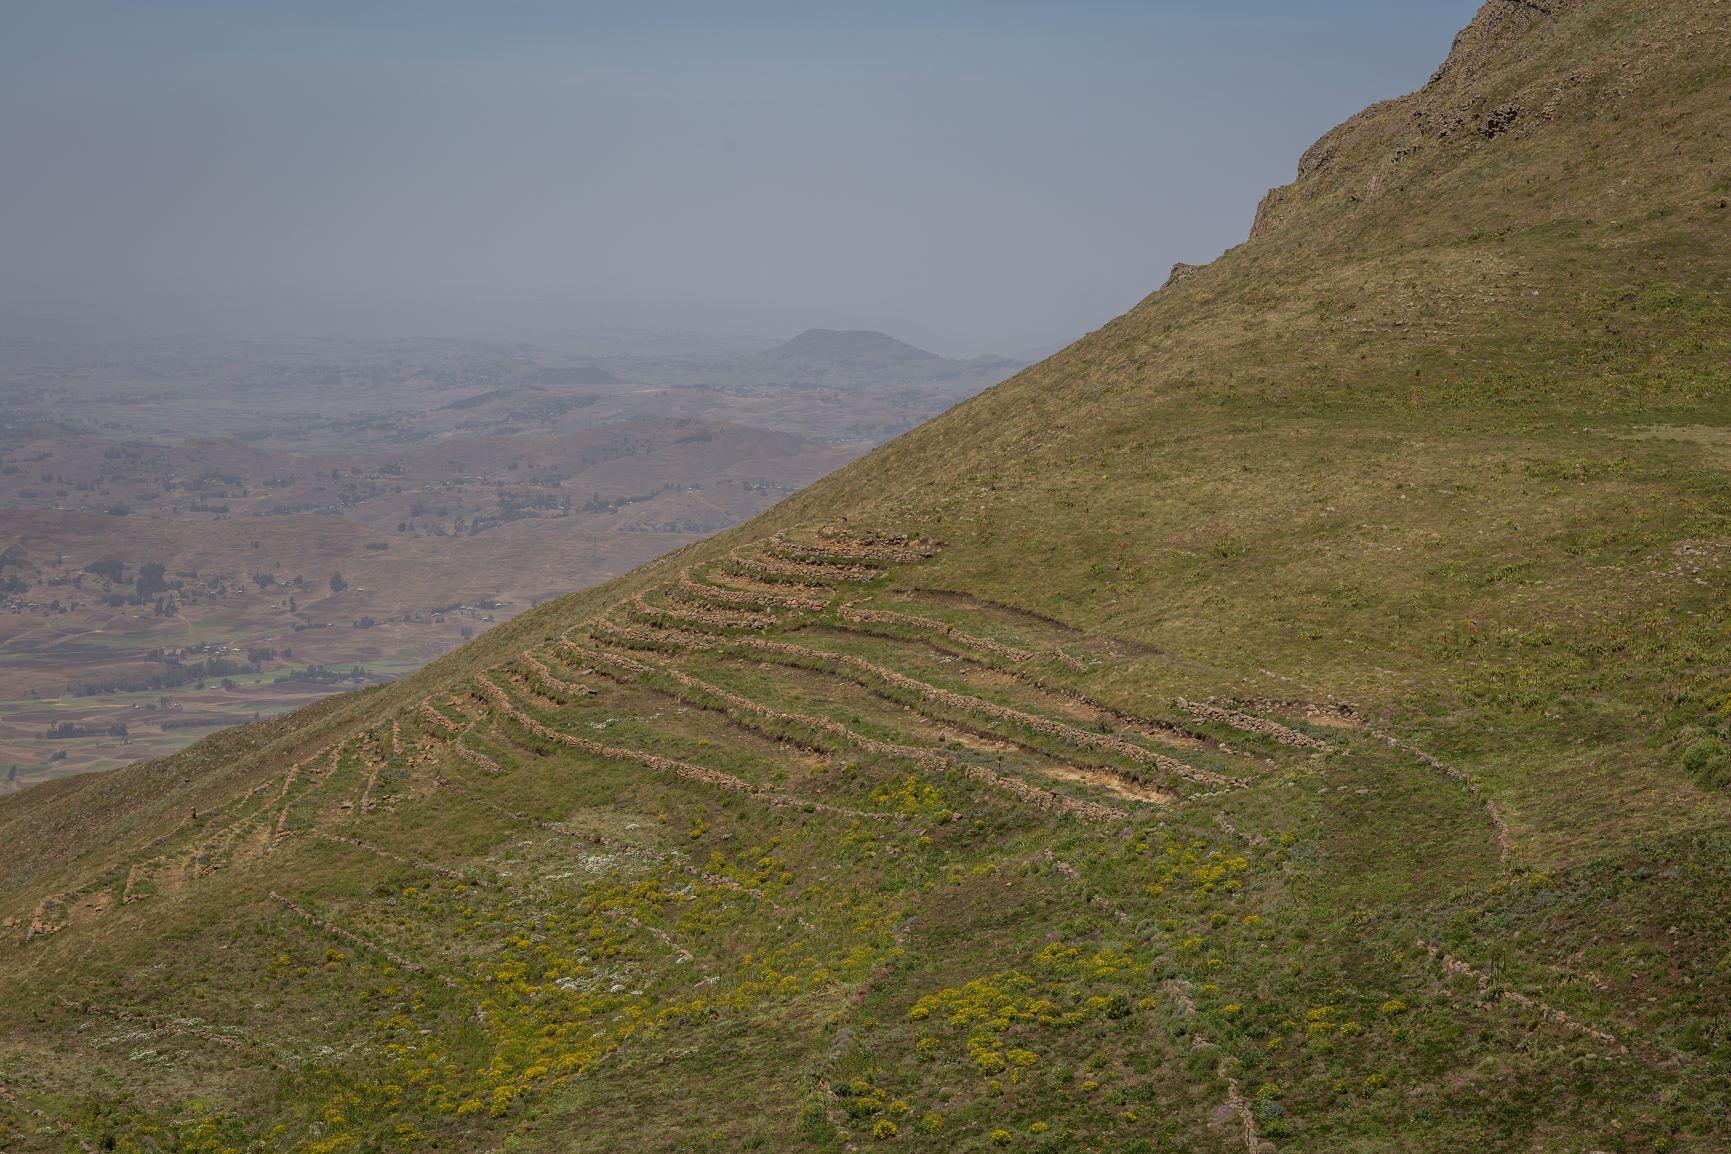 Landscape in Dessie, Ethiopia